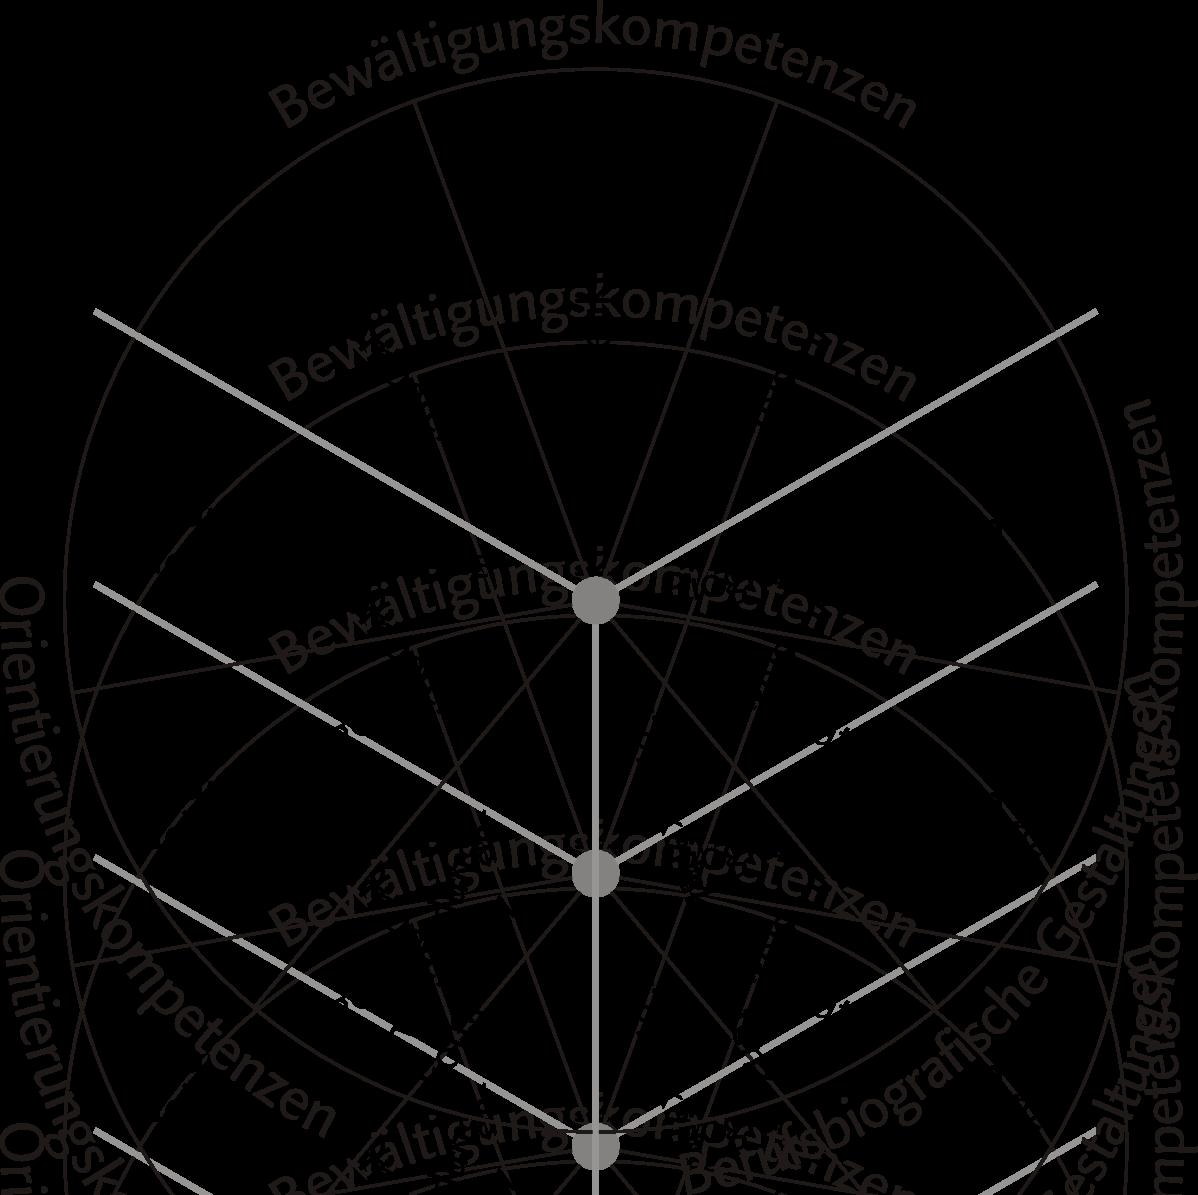 Kompetenzkreis Übergangskompetenzen